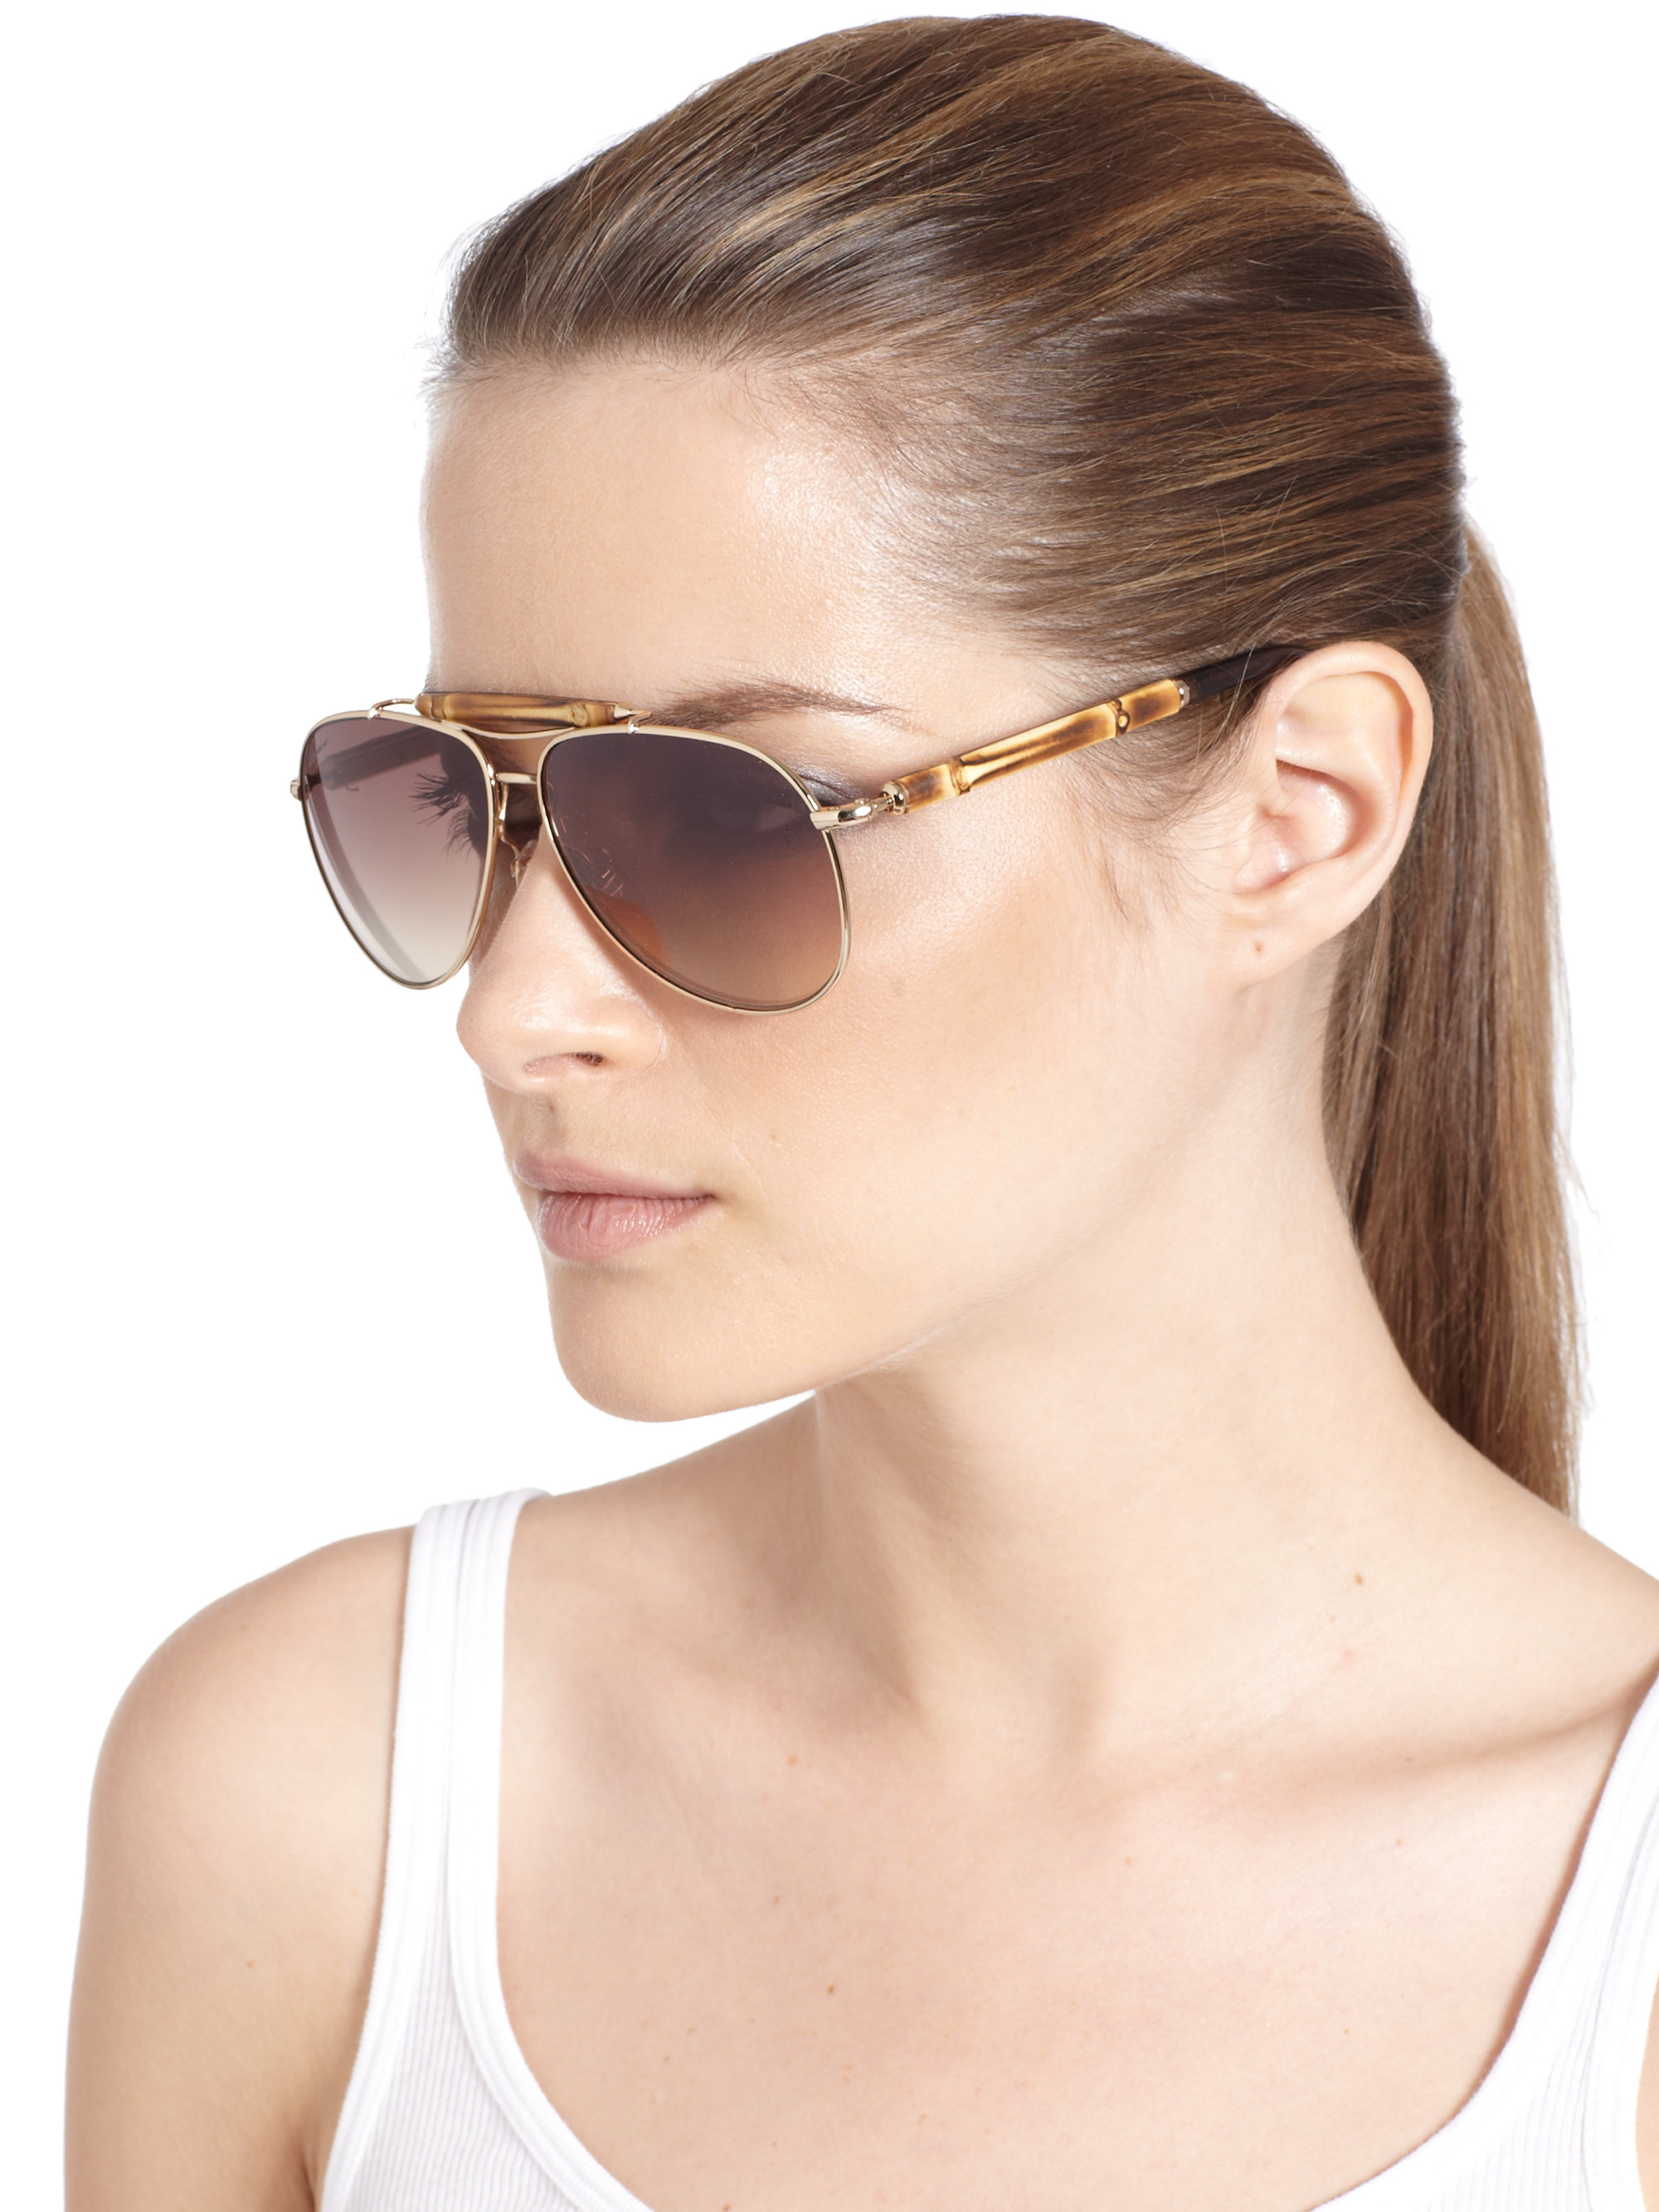 6a816e45221 Gucci Bamboo Aviator Sunglasses in Metallic - Lyst